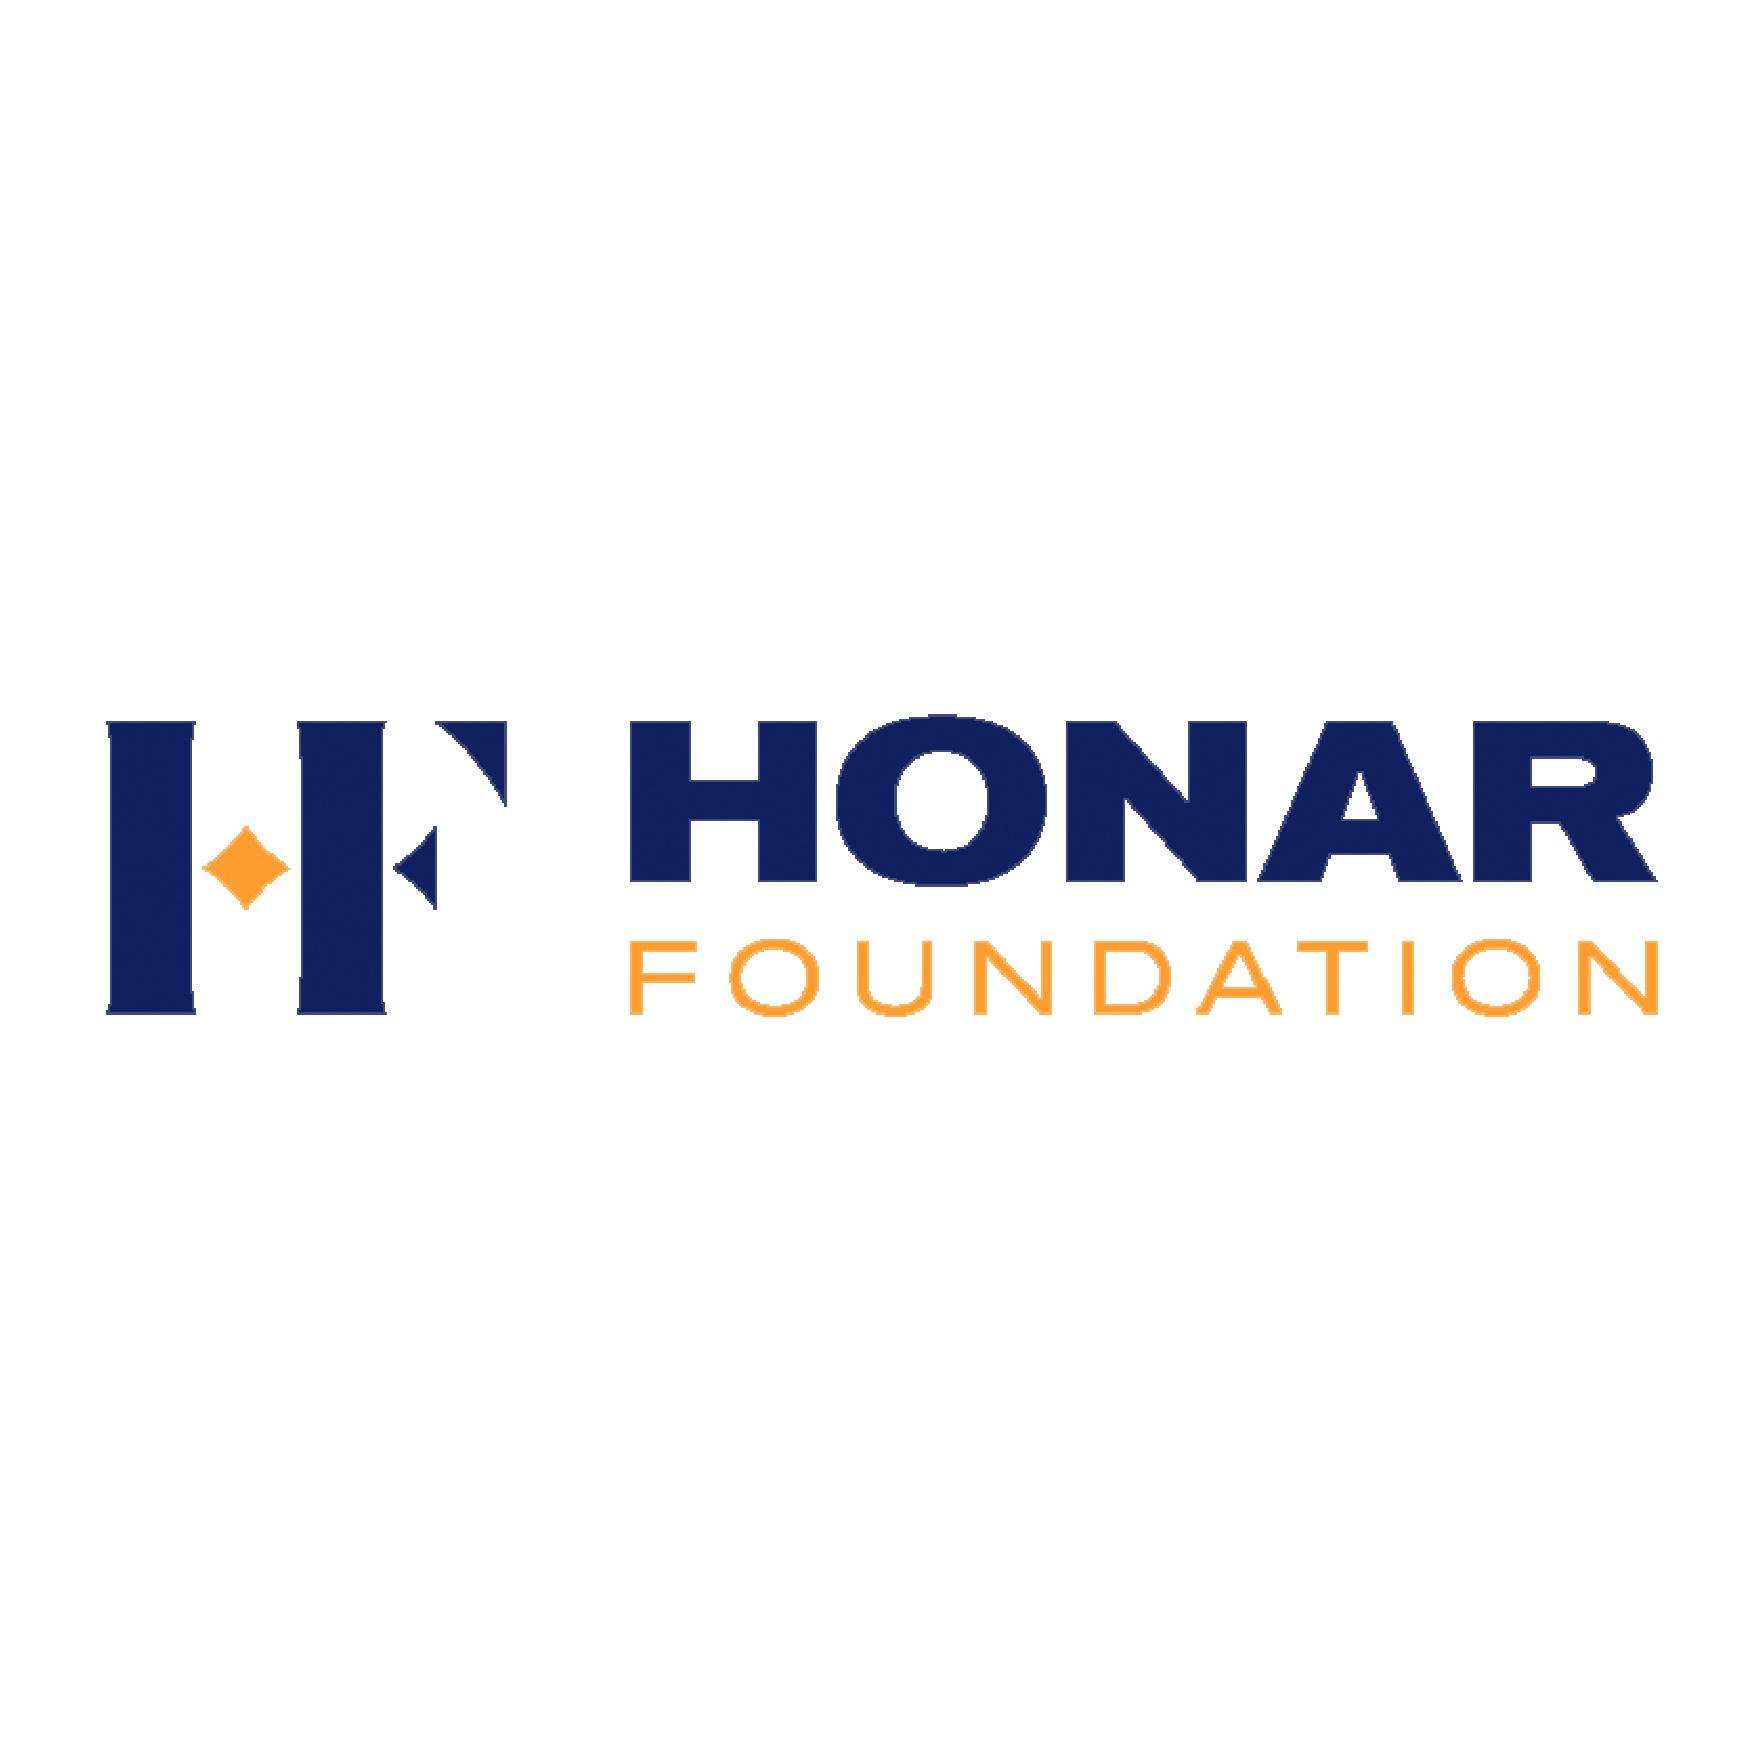 Honar Foundation